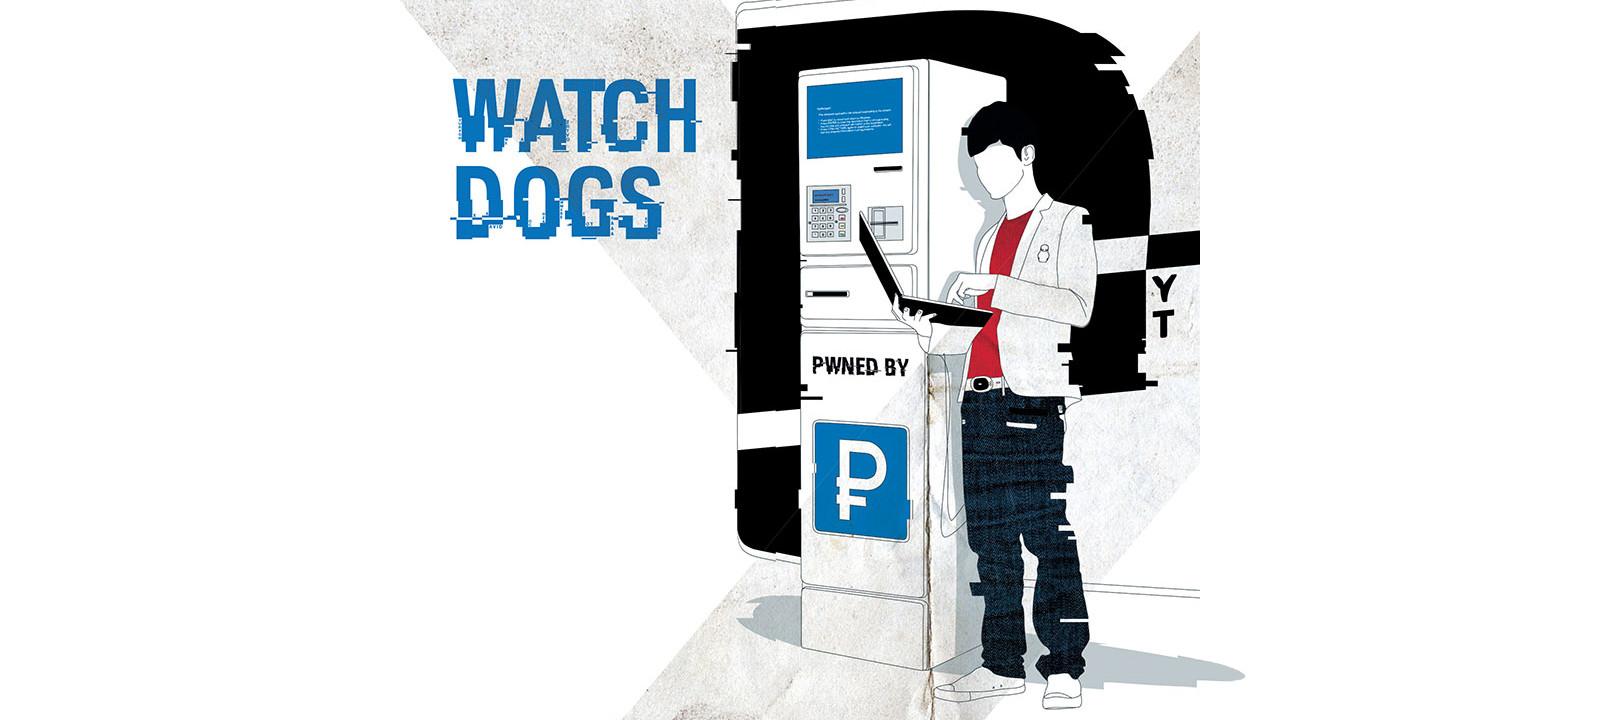 Перечитываем «Хакер». Лучшие статьи из номера 191 «Анализ безопасности паркоматов»